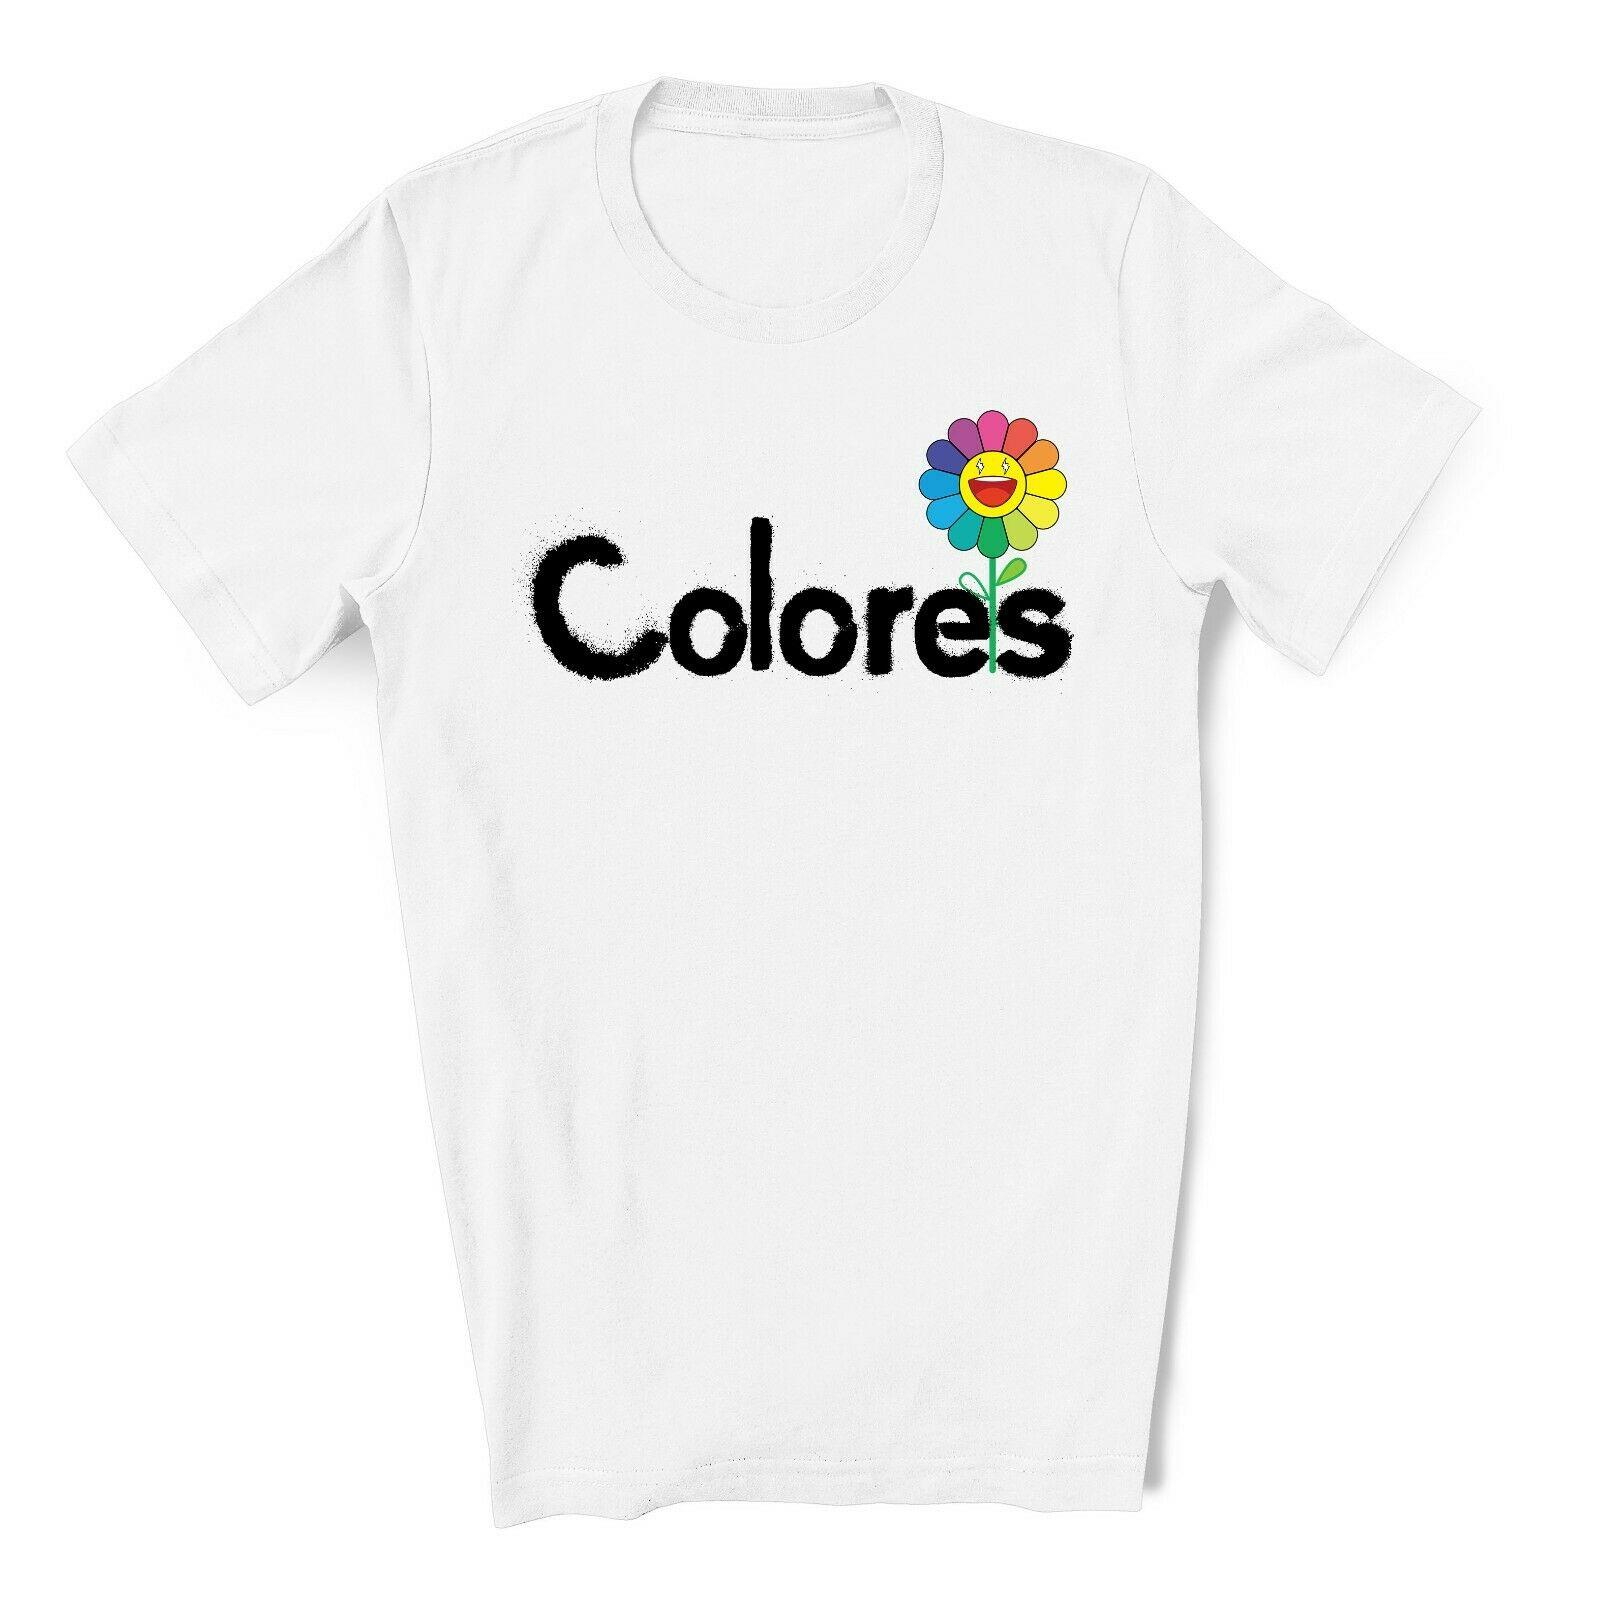 J Balvin Colores T Shirt